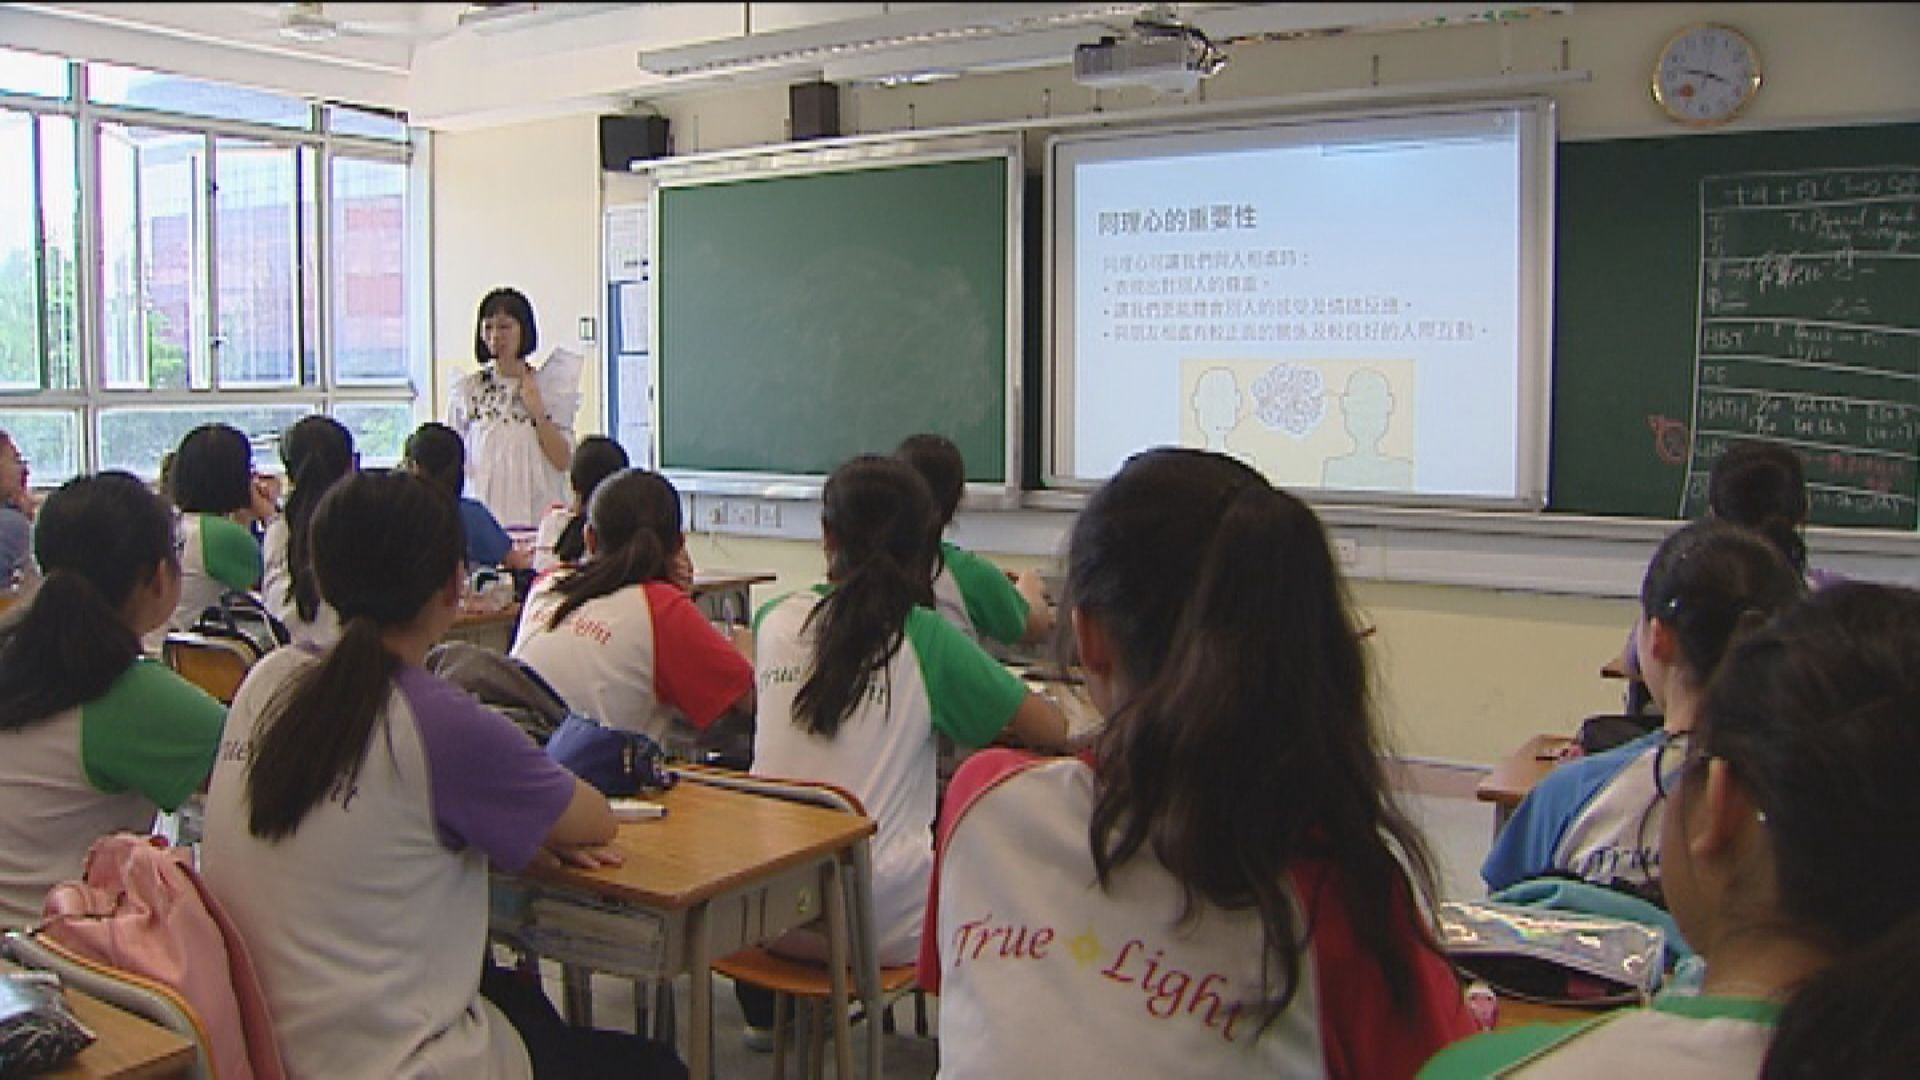 課程檢討小組倡精簡通識科課程範圍